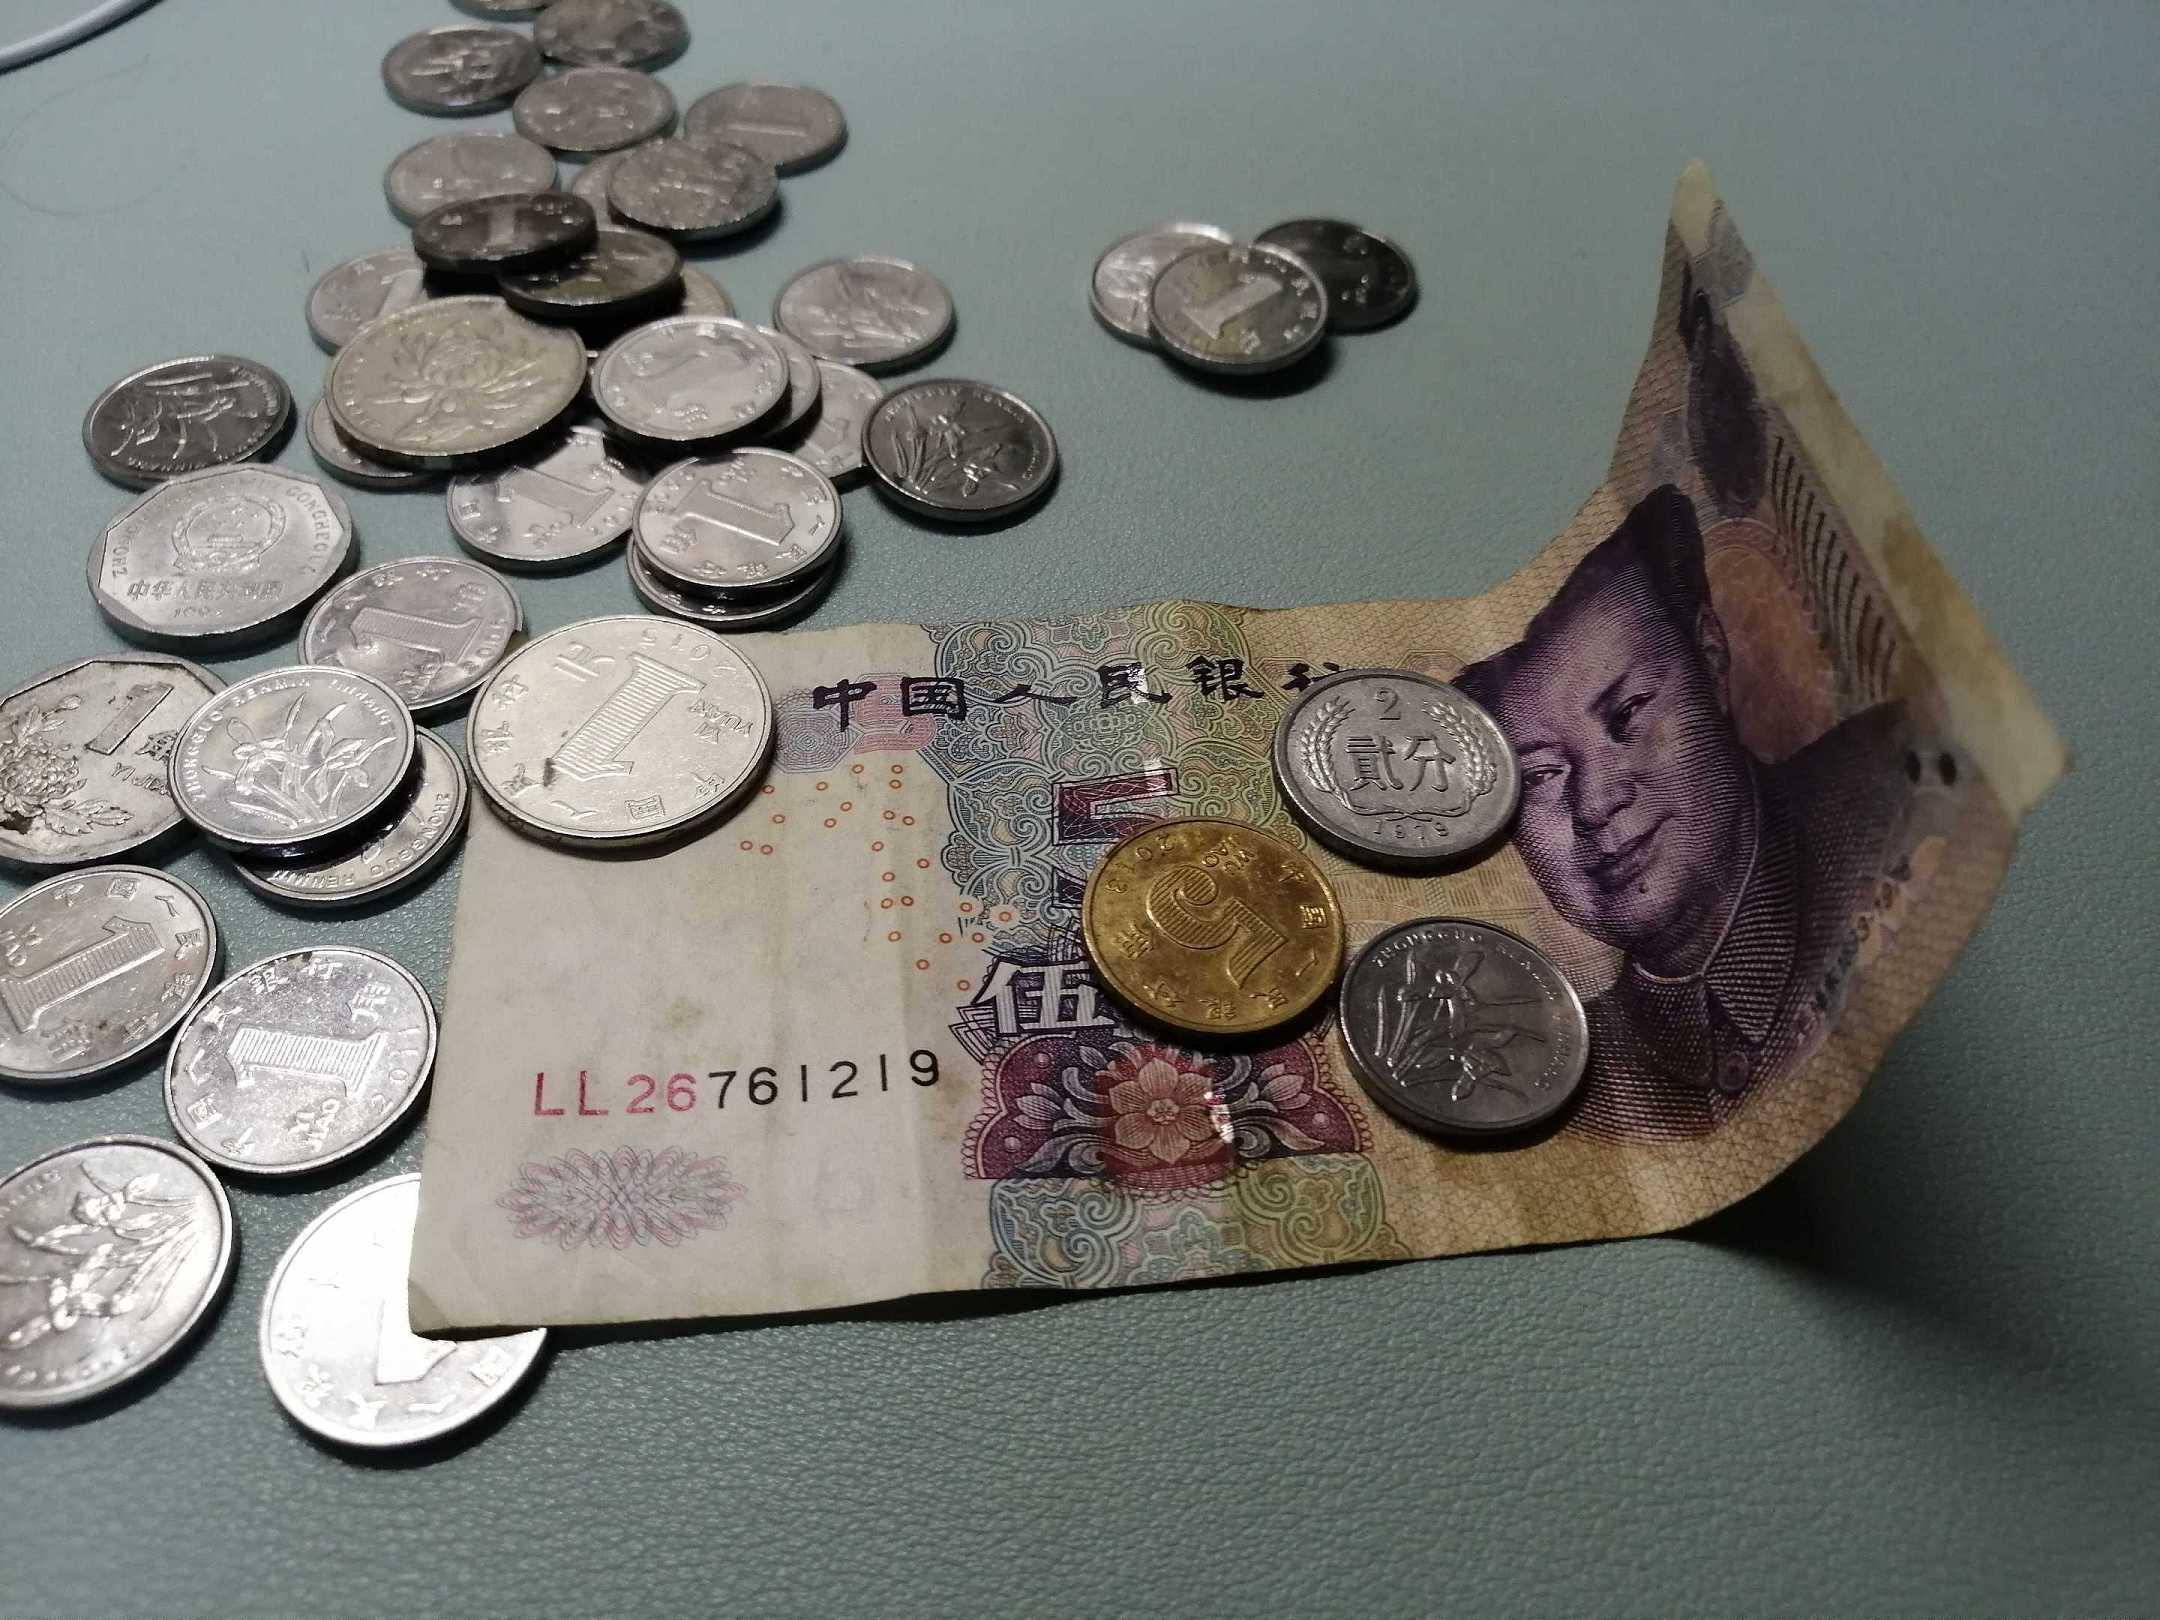 民间借贷利息怎么算?最高利息是多少